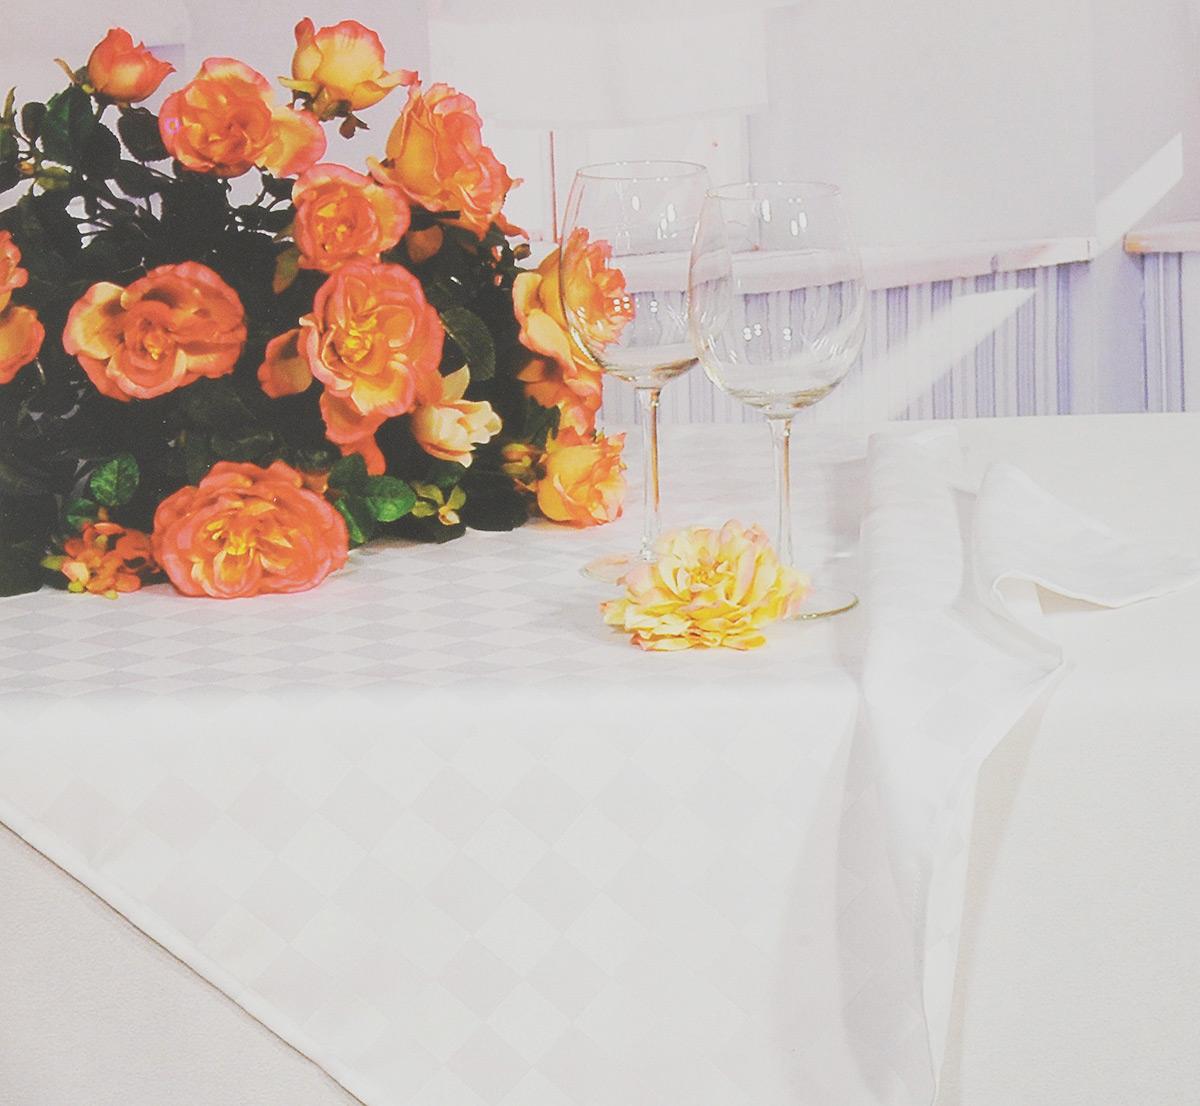 Скатерть Schaefer, прямоугольная, цвет: белый, 130 x 160 см. 4169/FB.01VT-1520(SR)Прямоугольная скатерть Schaefer, выполненная из полиэстера с оригинальным рисунком, станет изысканным украшением кухонного стола. За текстилем из полиэстера очень легко ухаживать: он не мнется, не садится и быстро сохнет, легко стирается, более долговечен, чем текстиль из натуральных волокон.Использование такой скатерти сделает застолье торжественным, поднимет настроение гостей и приятно удивит их вашим изысканным вкусом. Также вы можете использовать эту скатерть для повседневной трапезы, превратив каждый прием пищи в волшебный праздник и веселье. Это текстильное изделие станет изысканным украшением вашего дома!